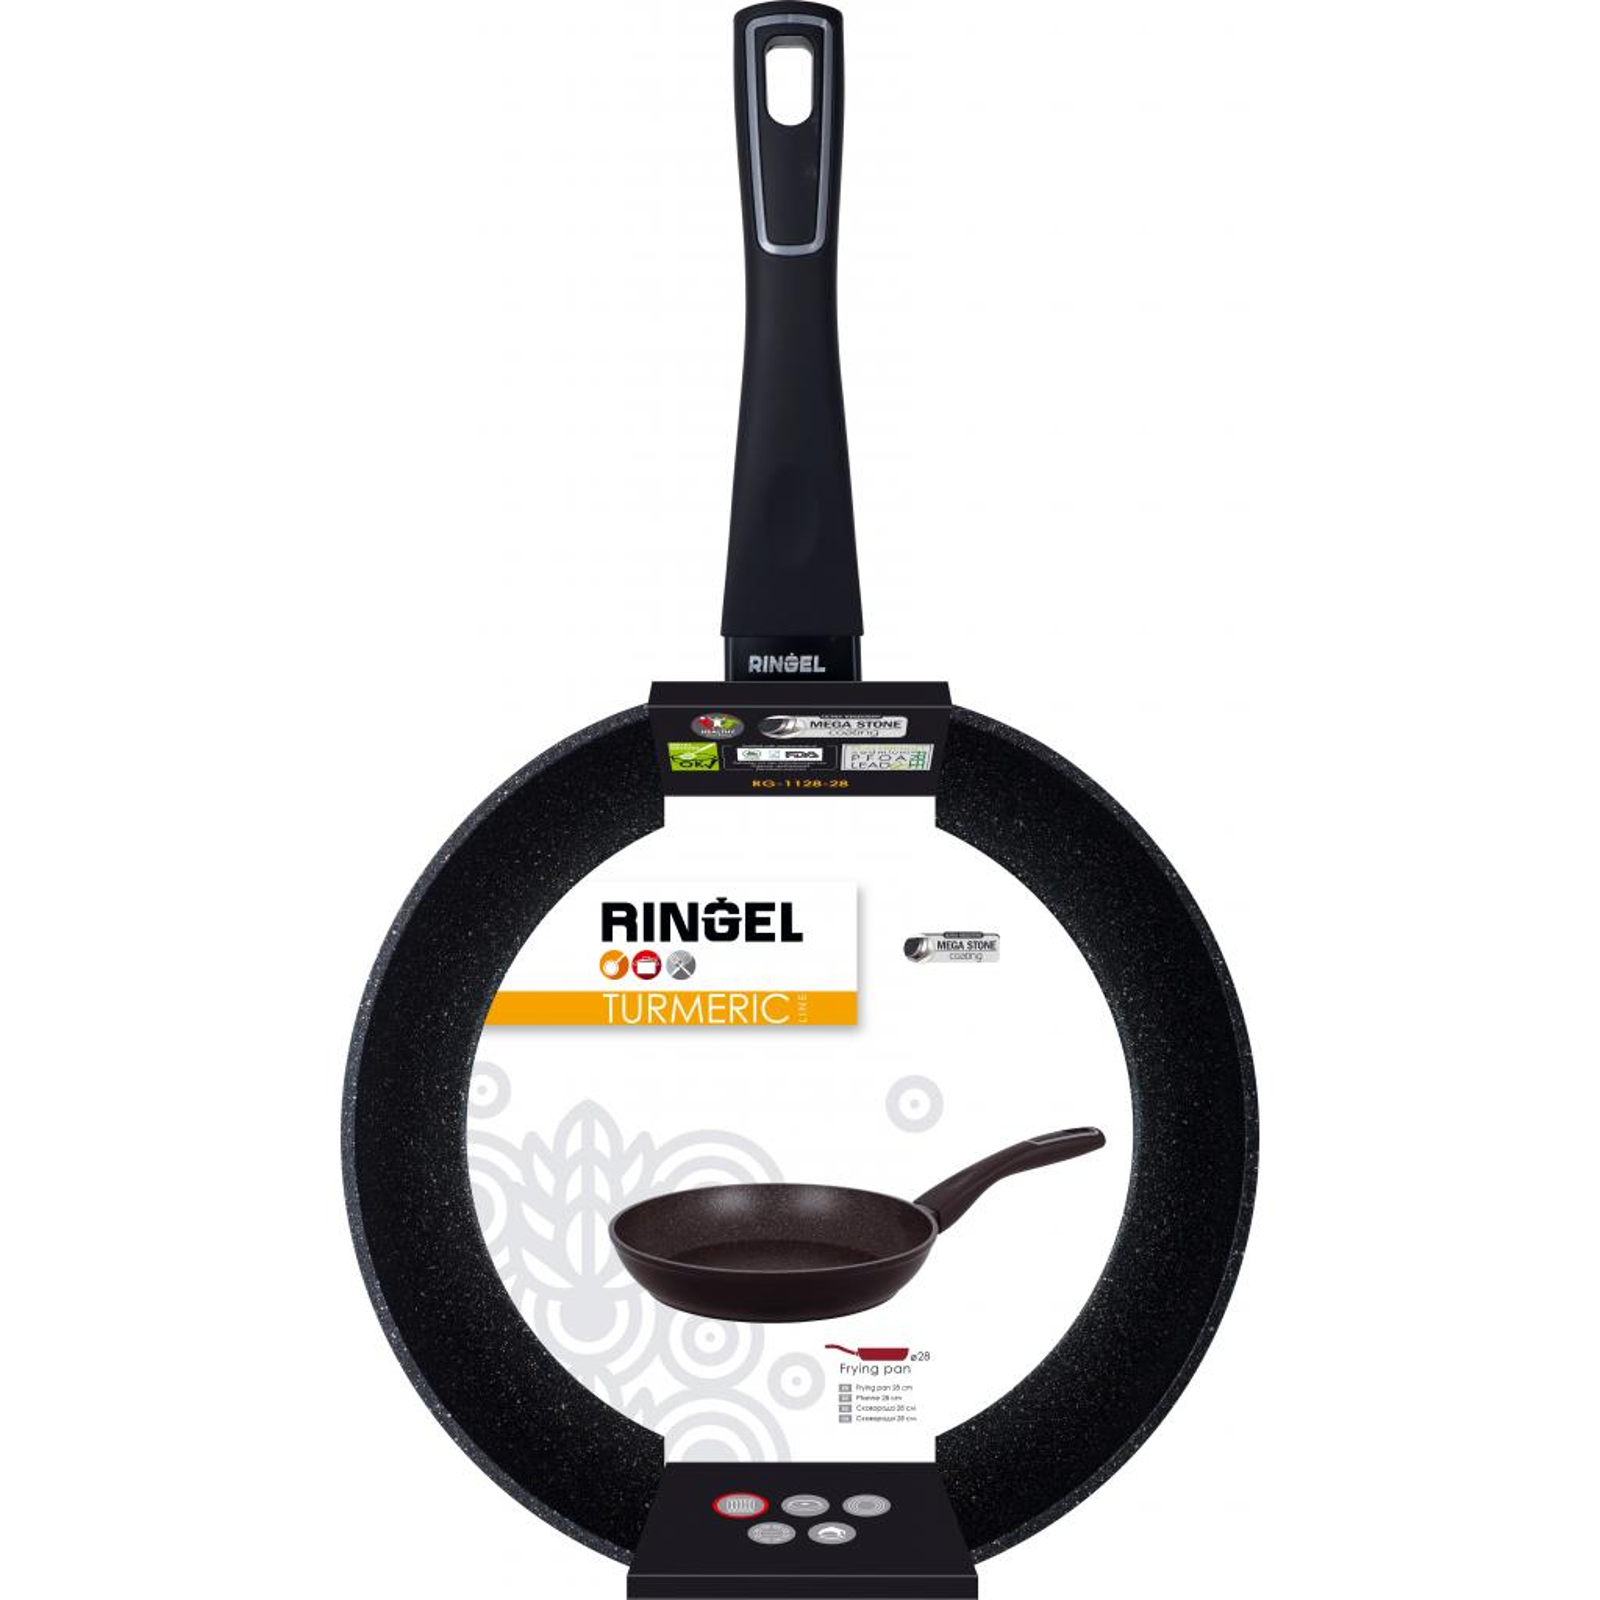 Сковорода Ringel Turmeric 22 см (RG-1128-22) изображение 2